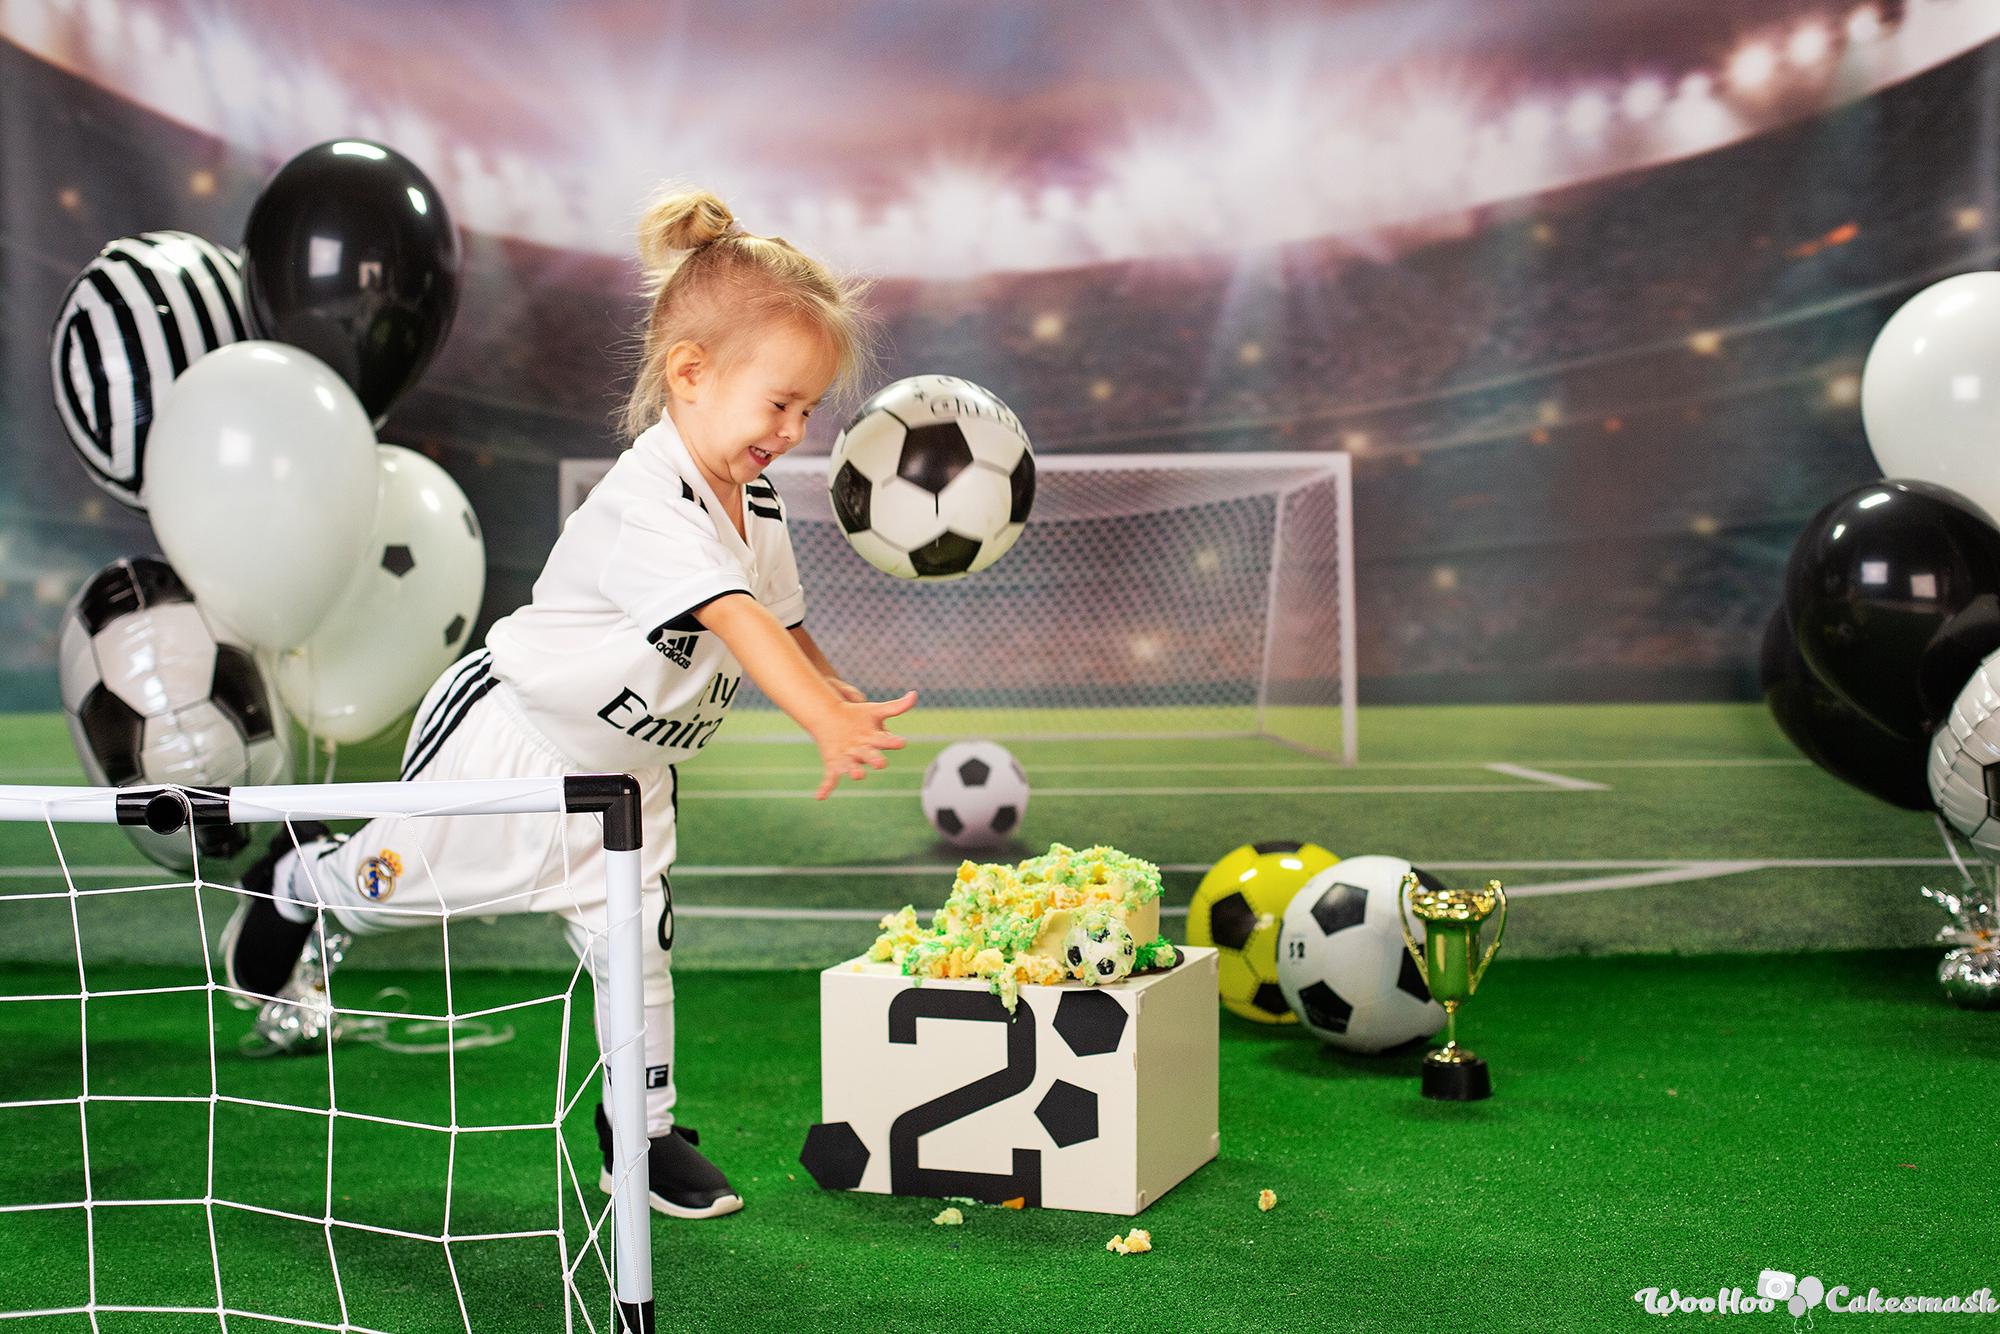 woohoo_cakesmash_Katya_football_girl_10